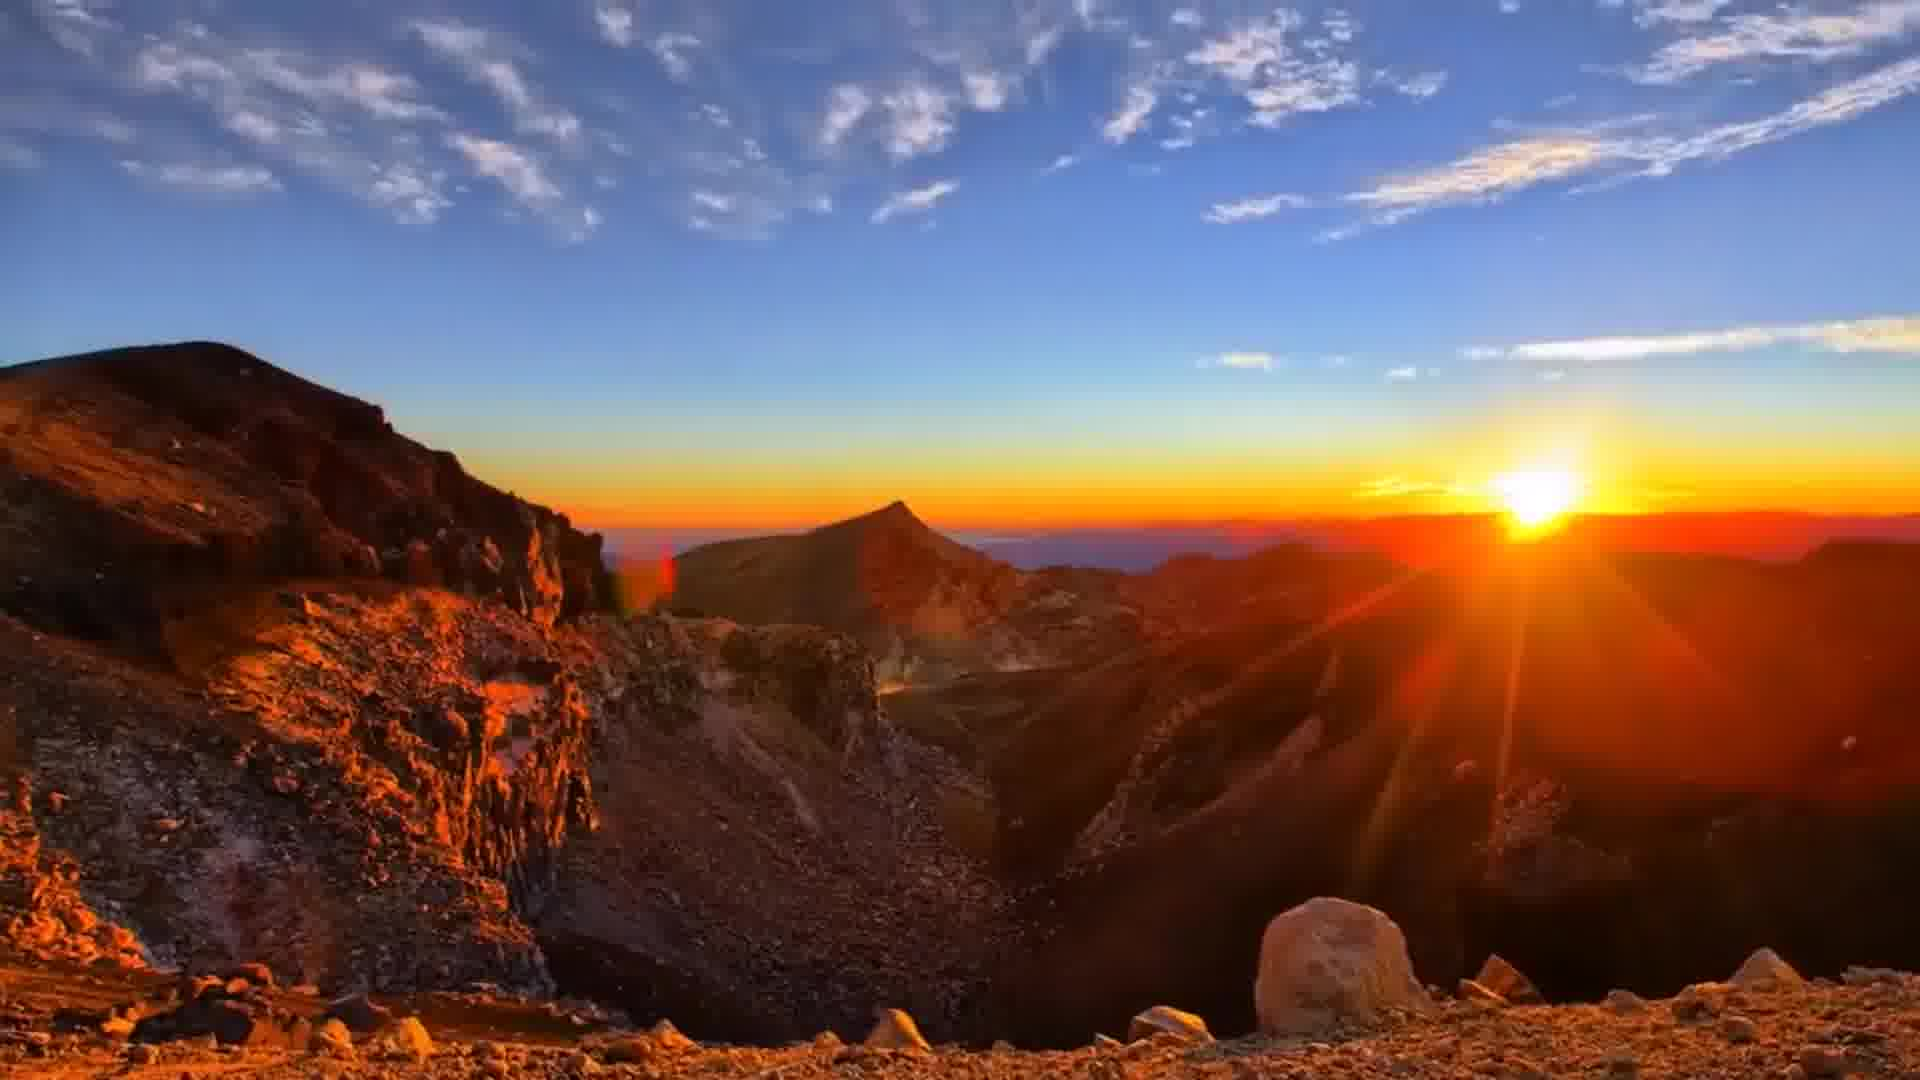 Bom dia meu povo querido, que tal iniciarmos o dia conversando com Deus ? Uma ótima terça-feira a todos.